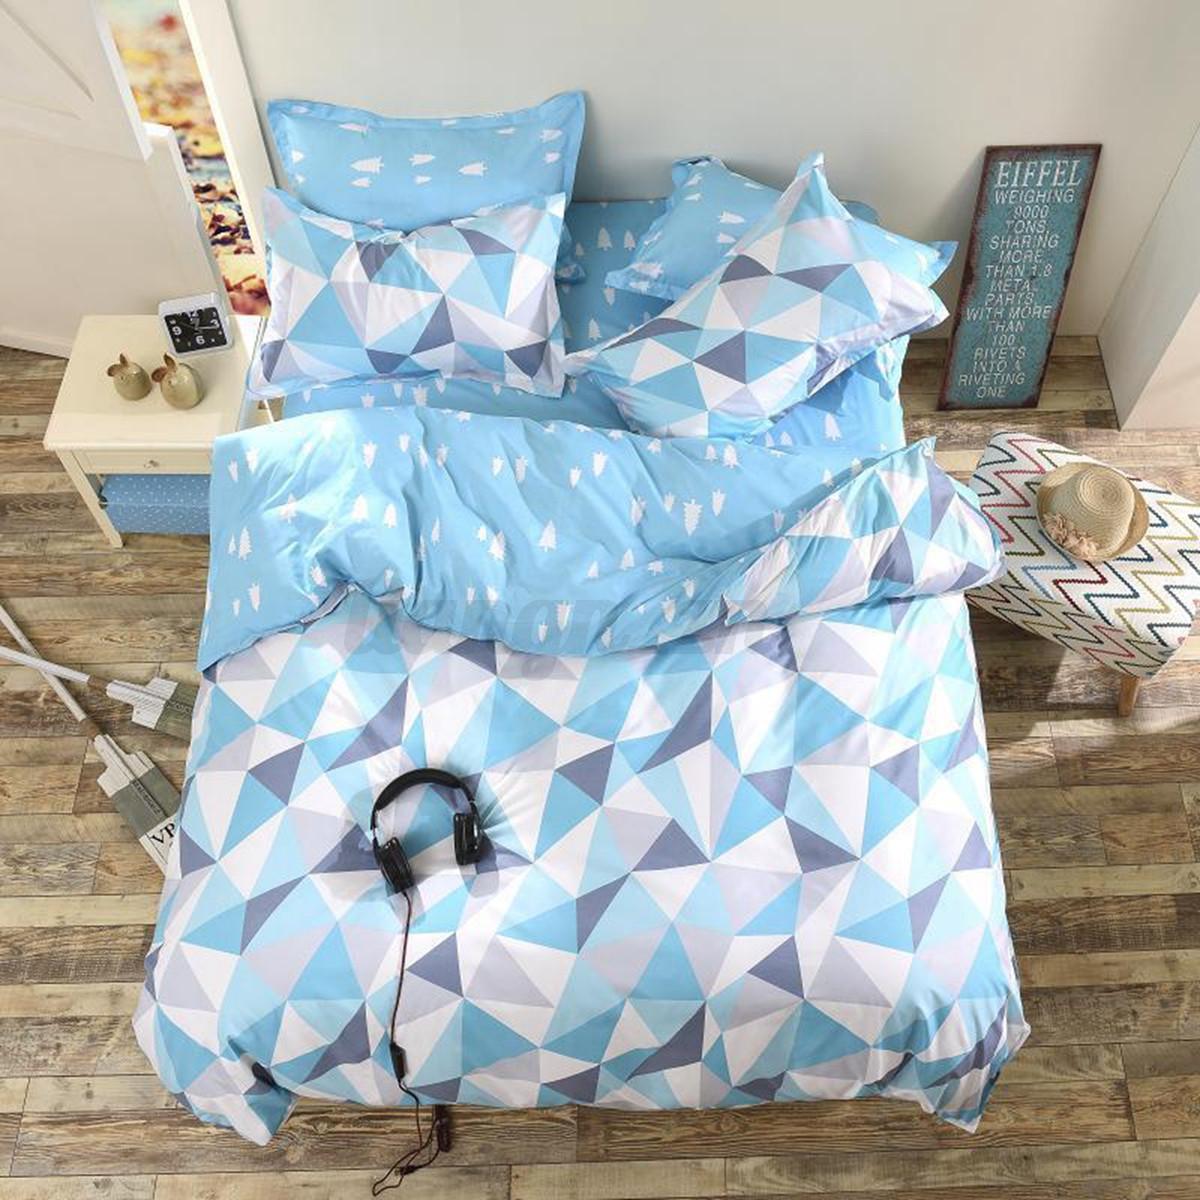 3 4pcs parure de lit housse couette drap couverture taie for Housse couverture